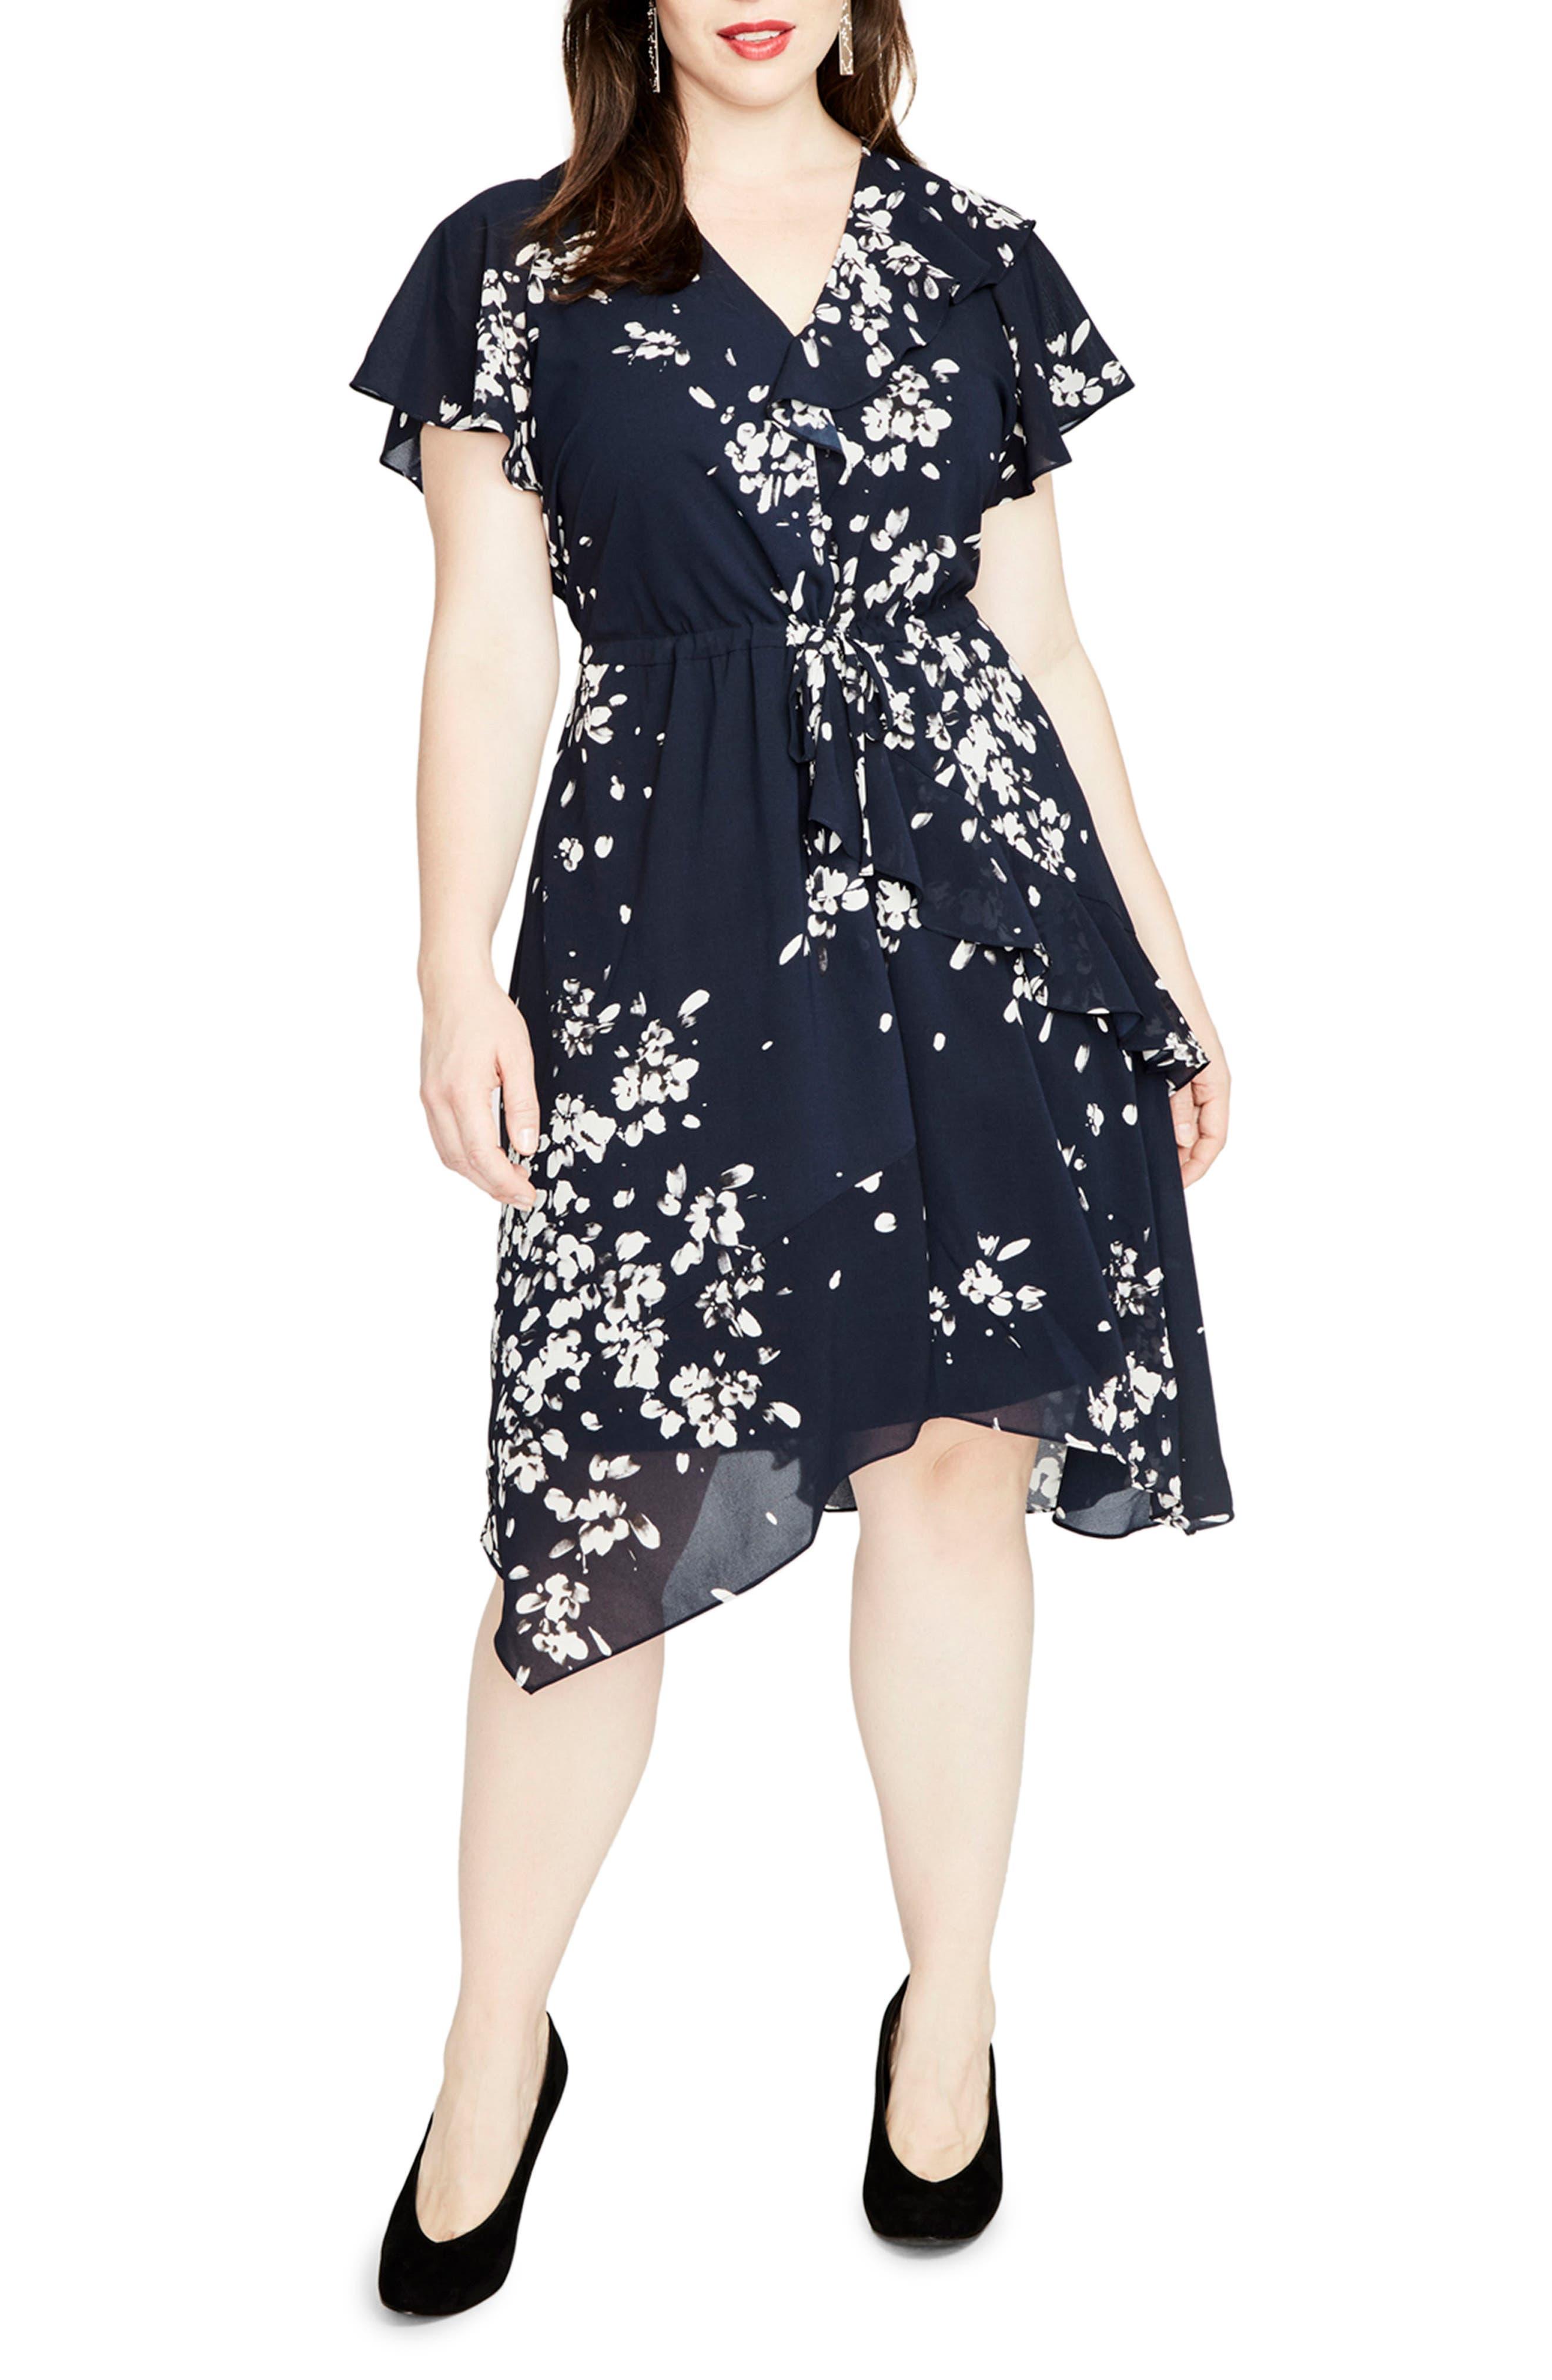 Main Image - RACHEL Rachel Roy Ruffle Floral A-Line Dress (Plus Size)